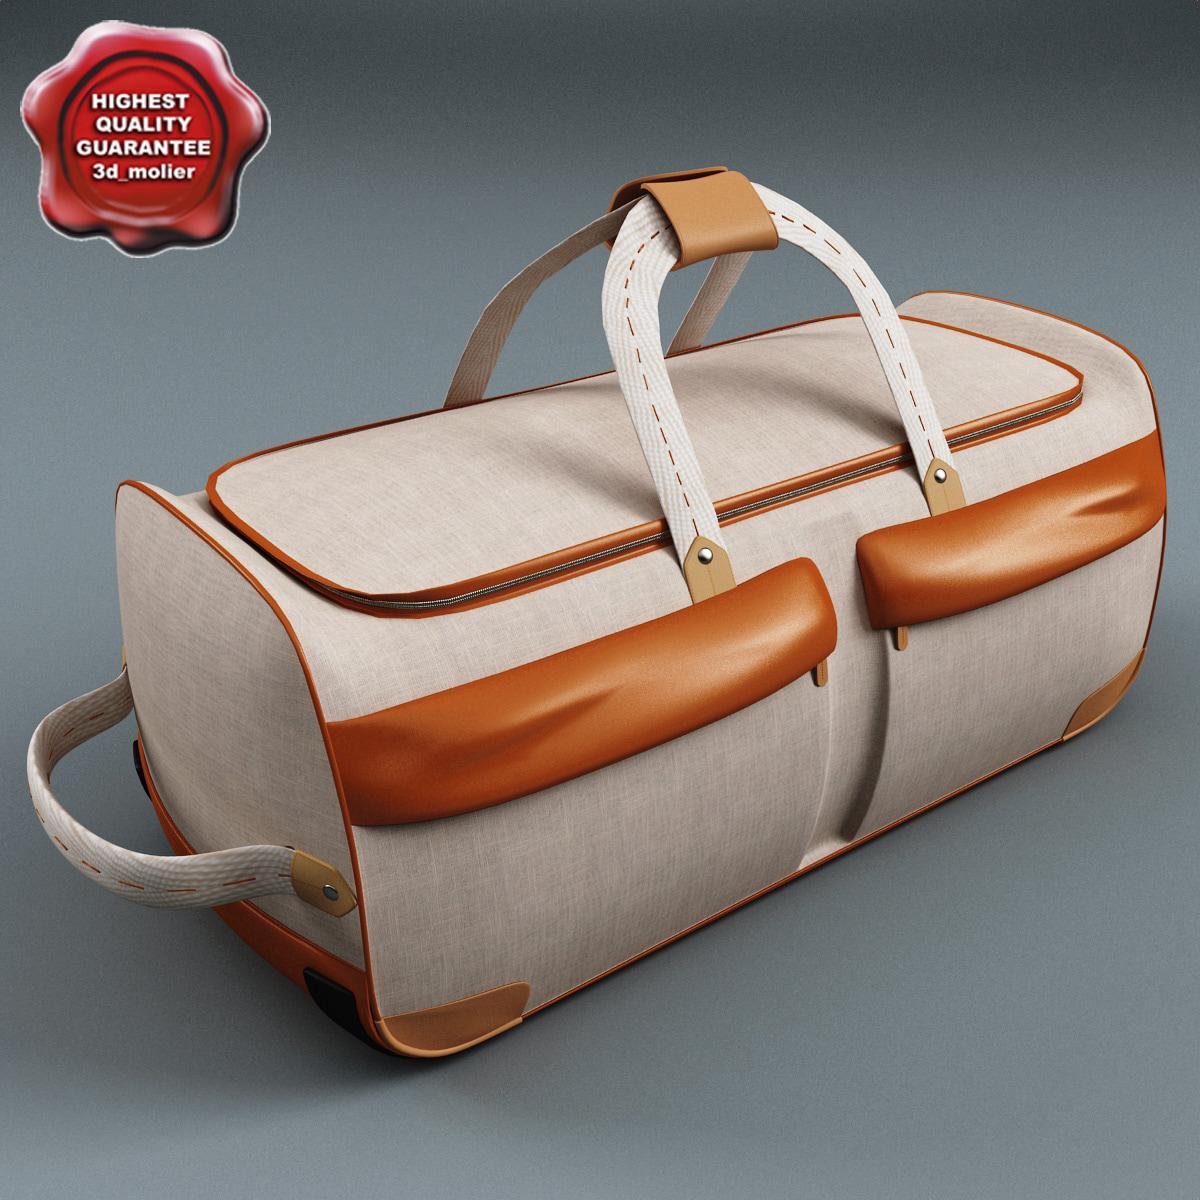 Travel_Bag_V2_00.jpg